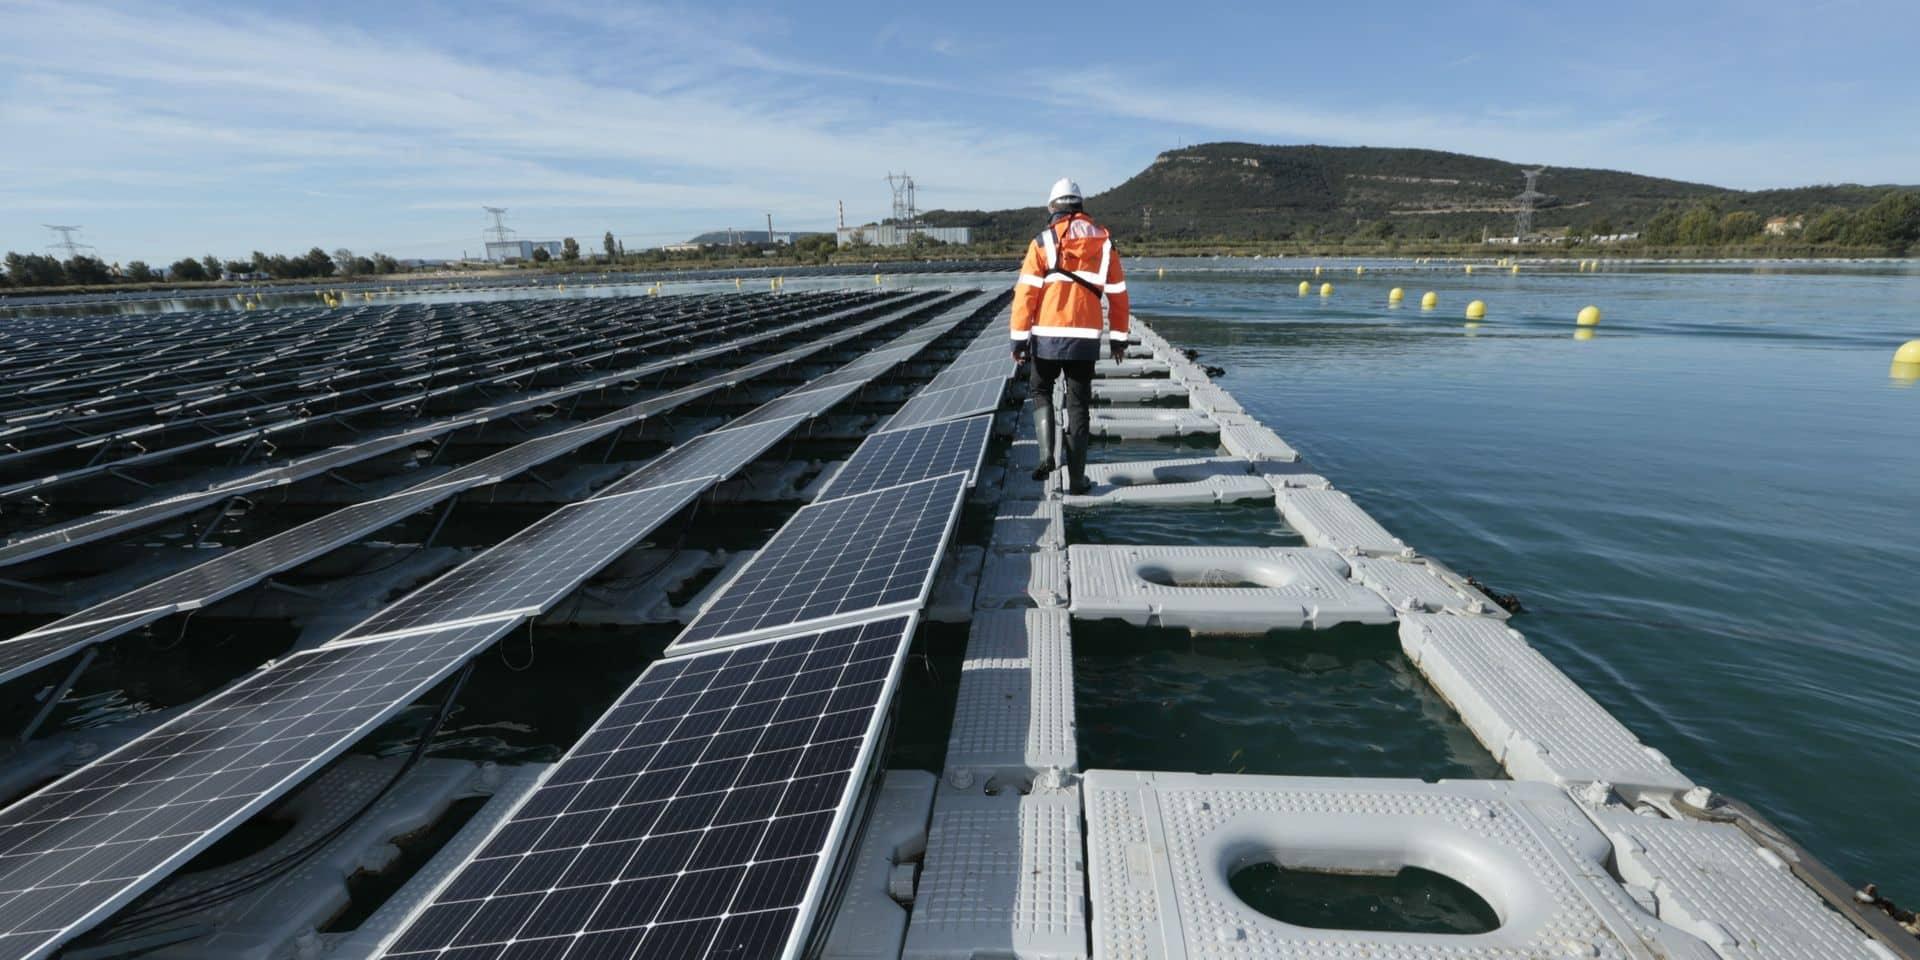 Le fournisseur d'énergie Mega, qui avait été épinglé pour tromperie envers ses clients, s'accorde avec le gouvernement